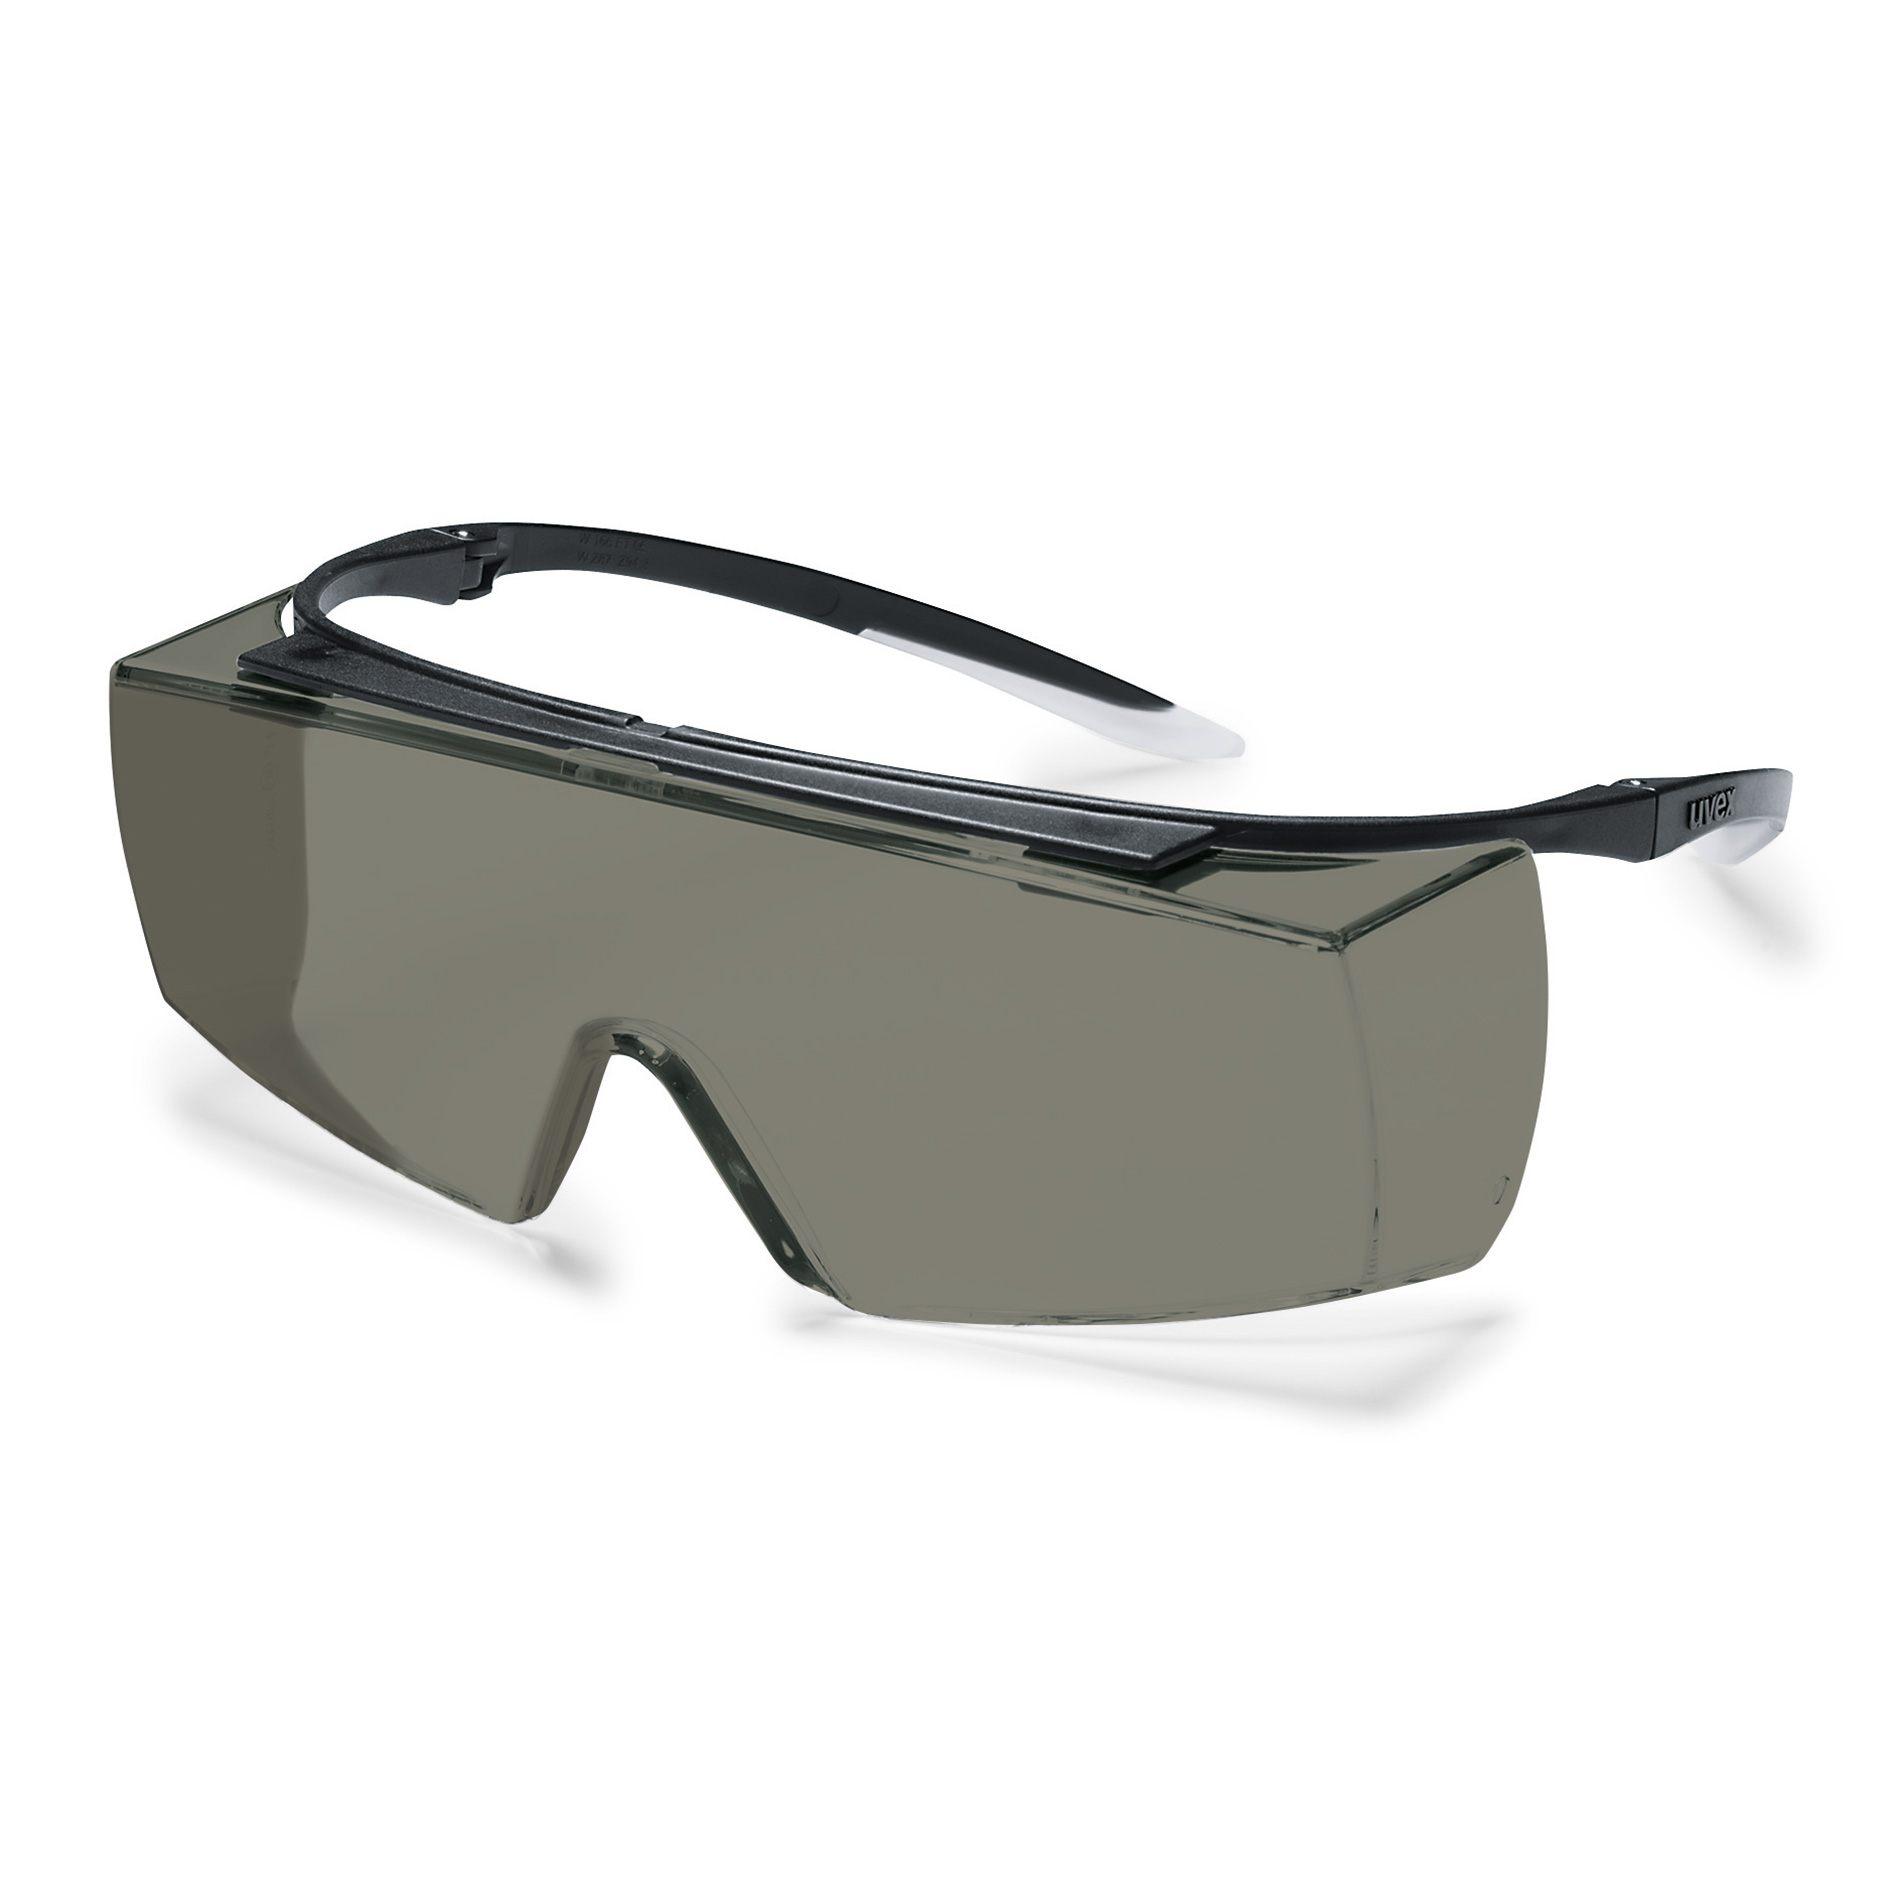 uvex Überbrille super f OTG klar Scheibentönung